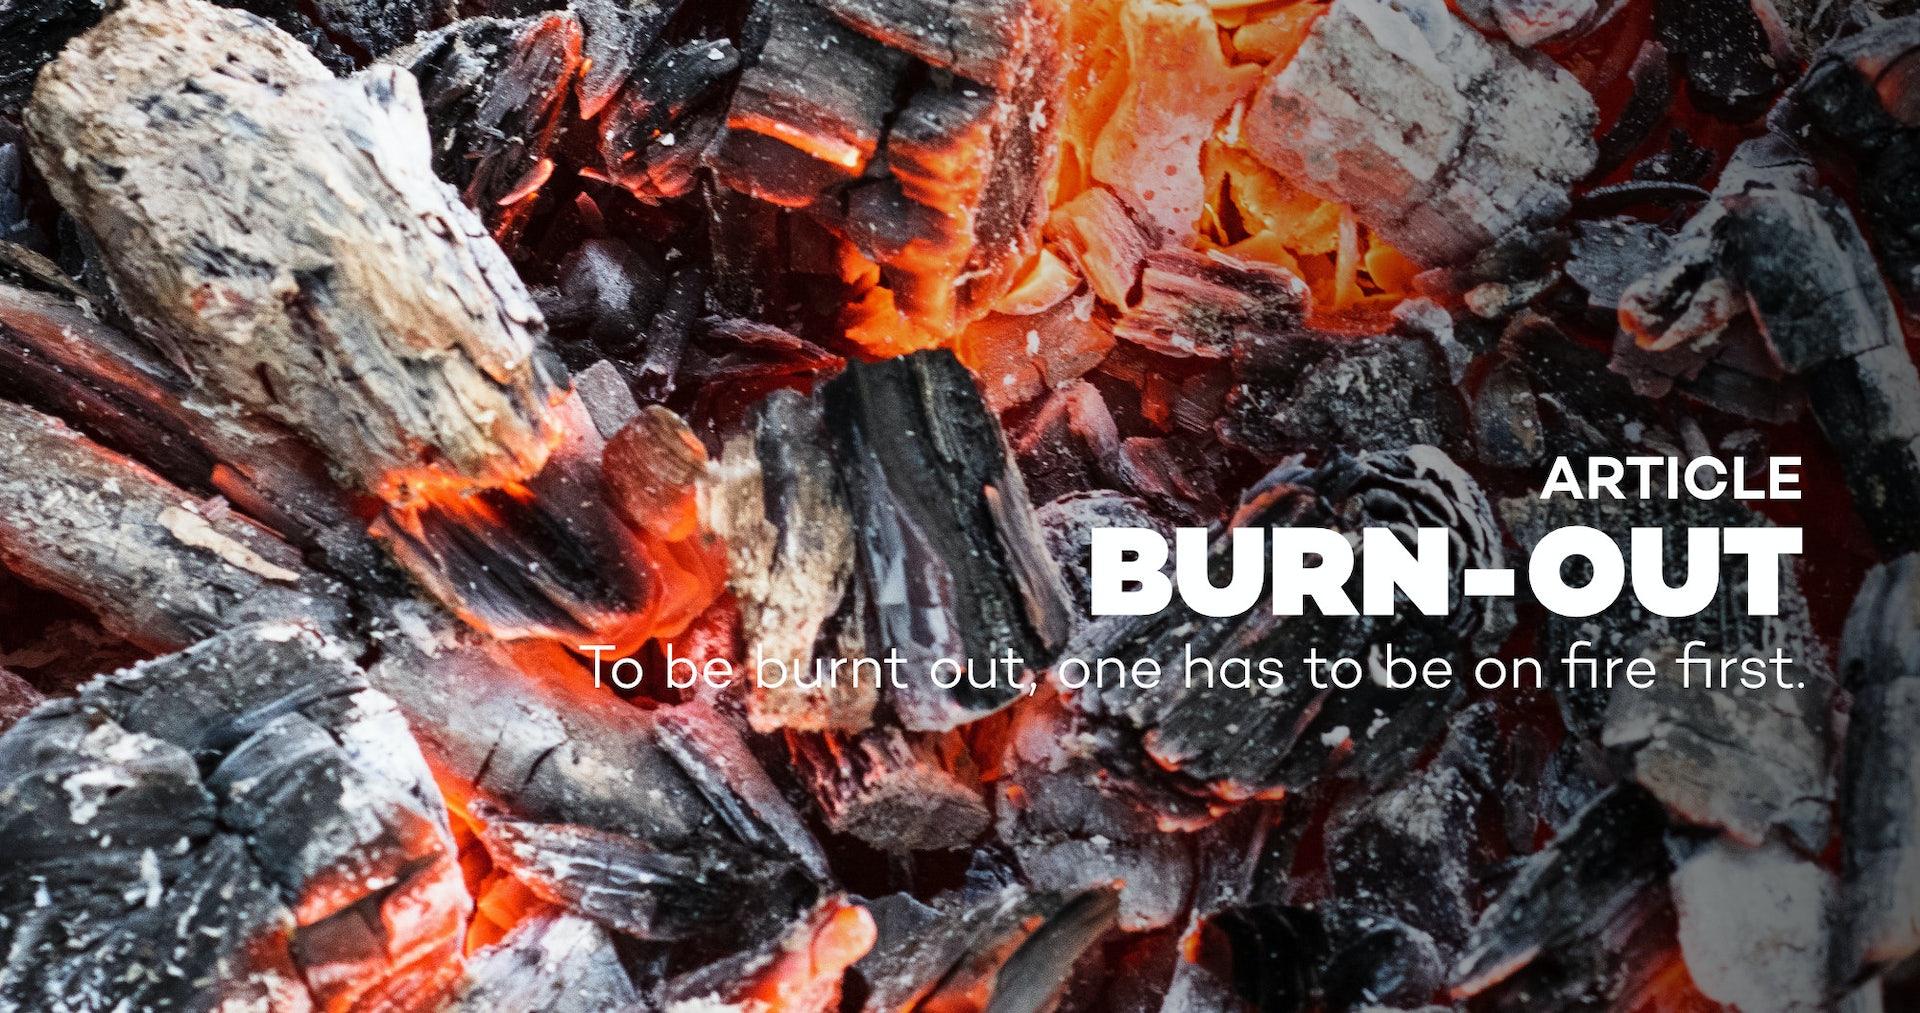 Qu'est-ce qu'un Burn-out?